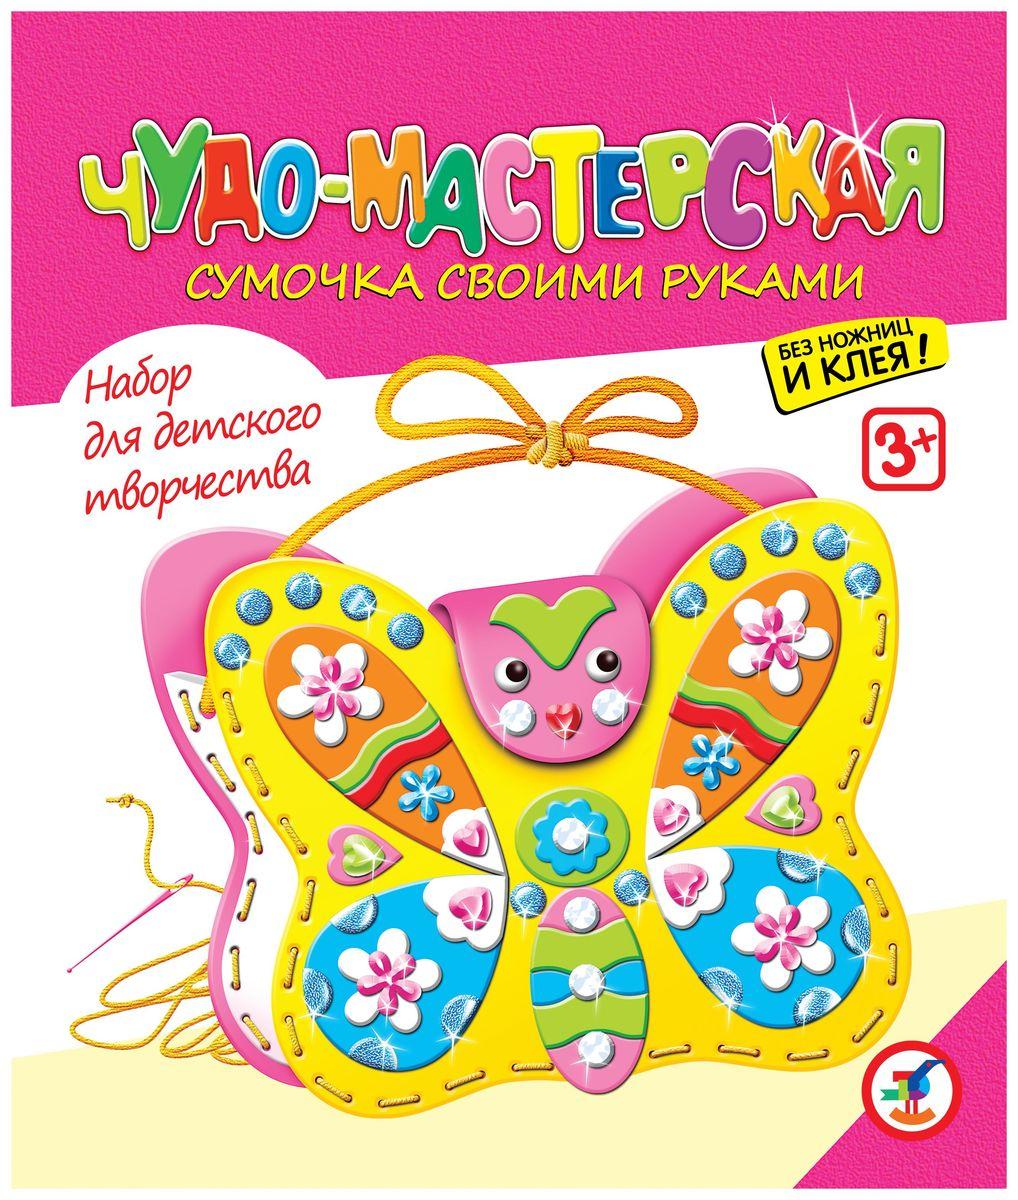 Дрофа-Медиа Набор для создания украшений и аксессуаров Сумочка Бабочка2885Вместе с ребёнком вы можете смастерить оригинальную детскую сумочку. Сделанная своими руками, она станет интересным и недорогим подарком родным и друзьям